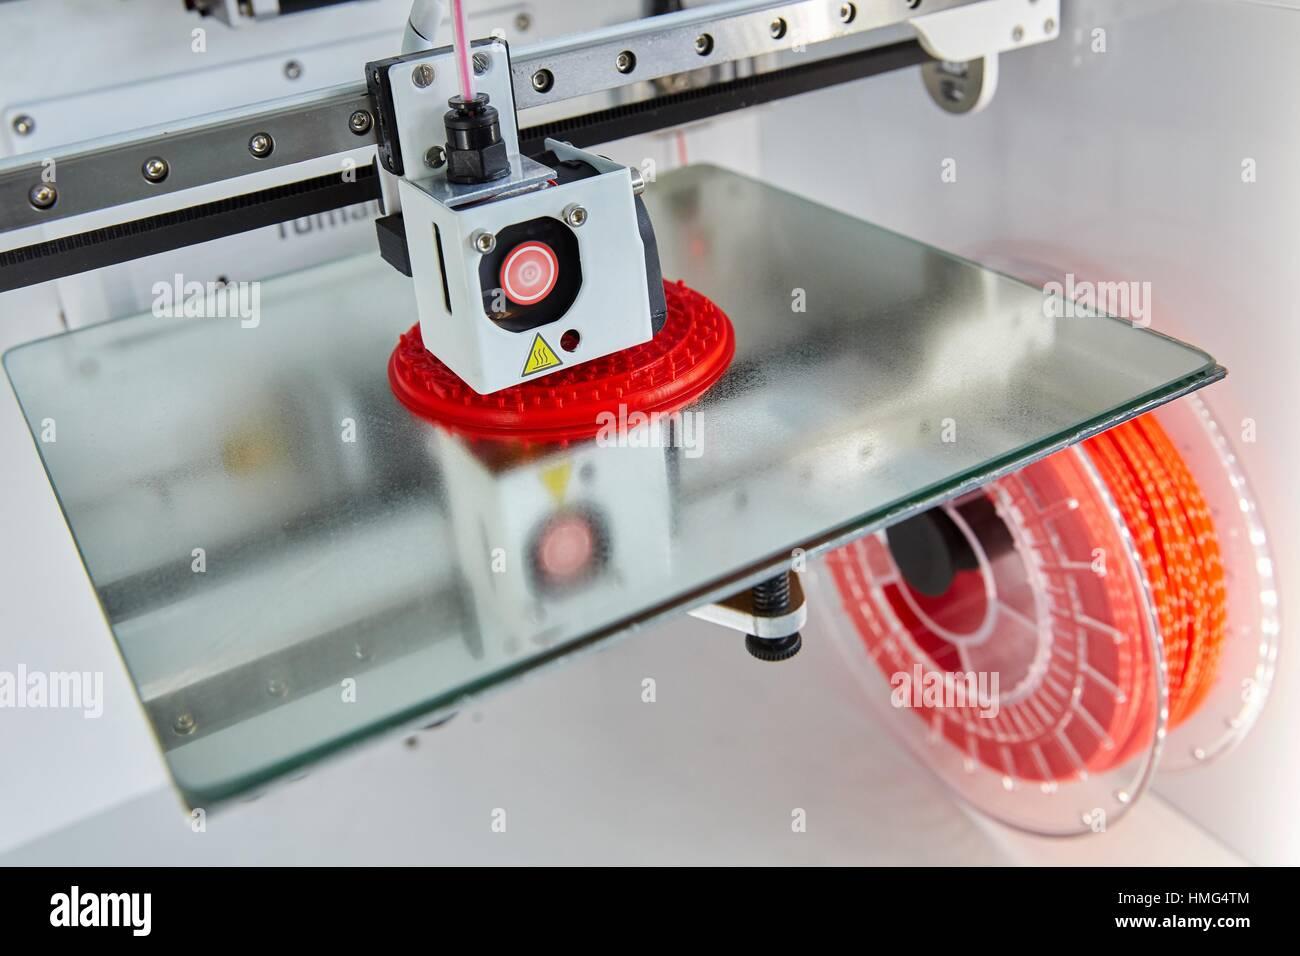 Impresora 3D. Innovadores de metrología aplicada. Metrología Sariki. Elgoibar. Gipuzkoa. Comunidad Autónoma del Foto de stock